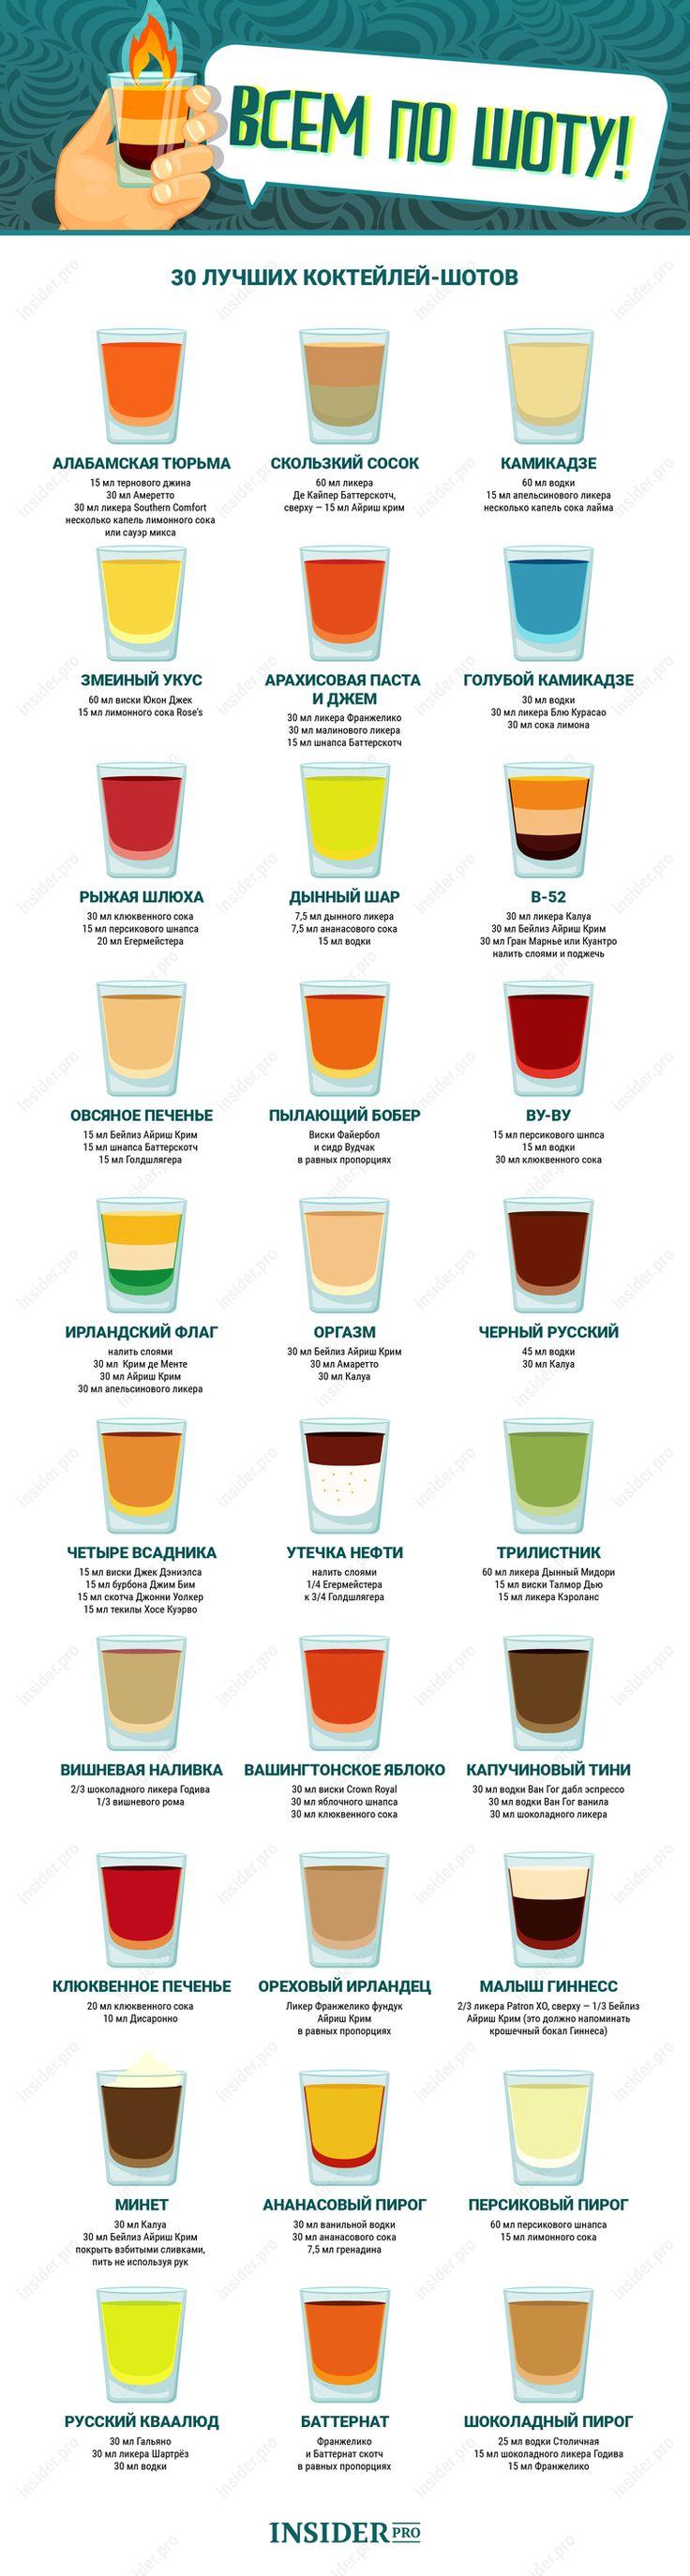 Инфографика: 30 лучших коктейлей-шотов   Инфографика   Insider.pro